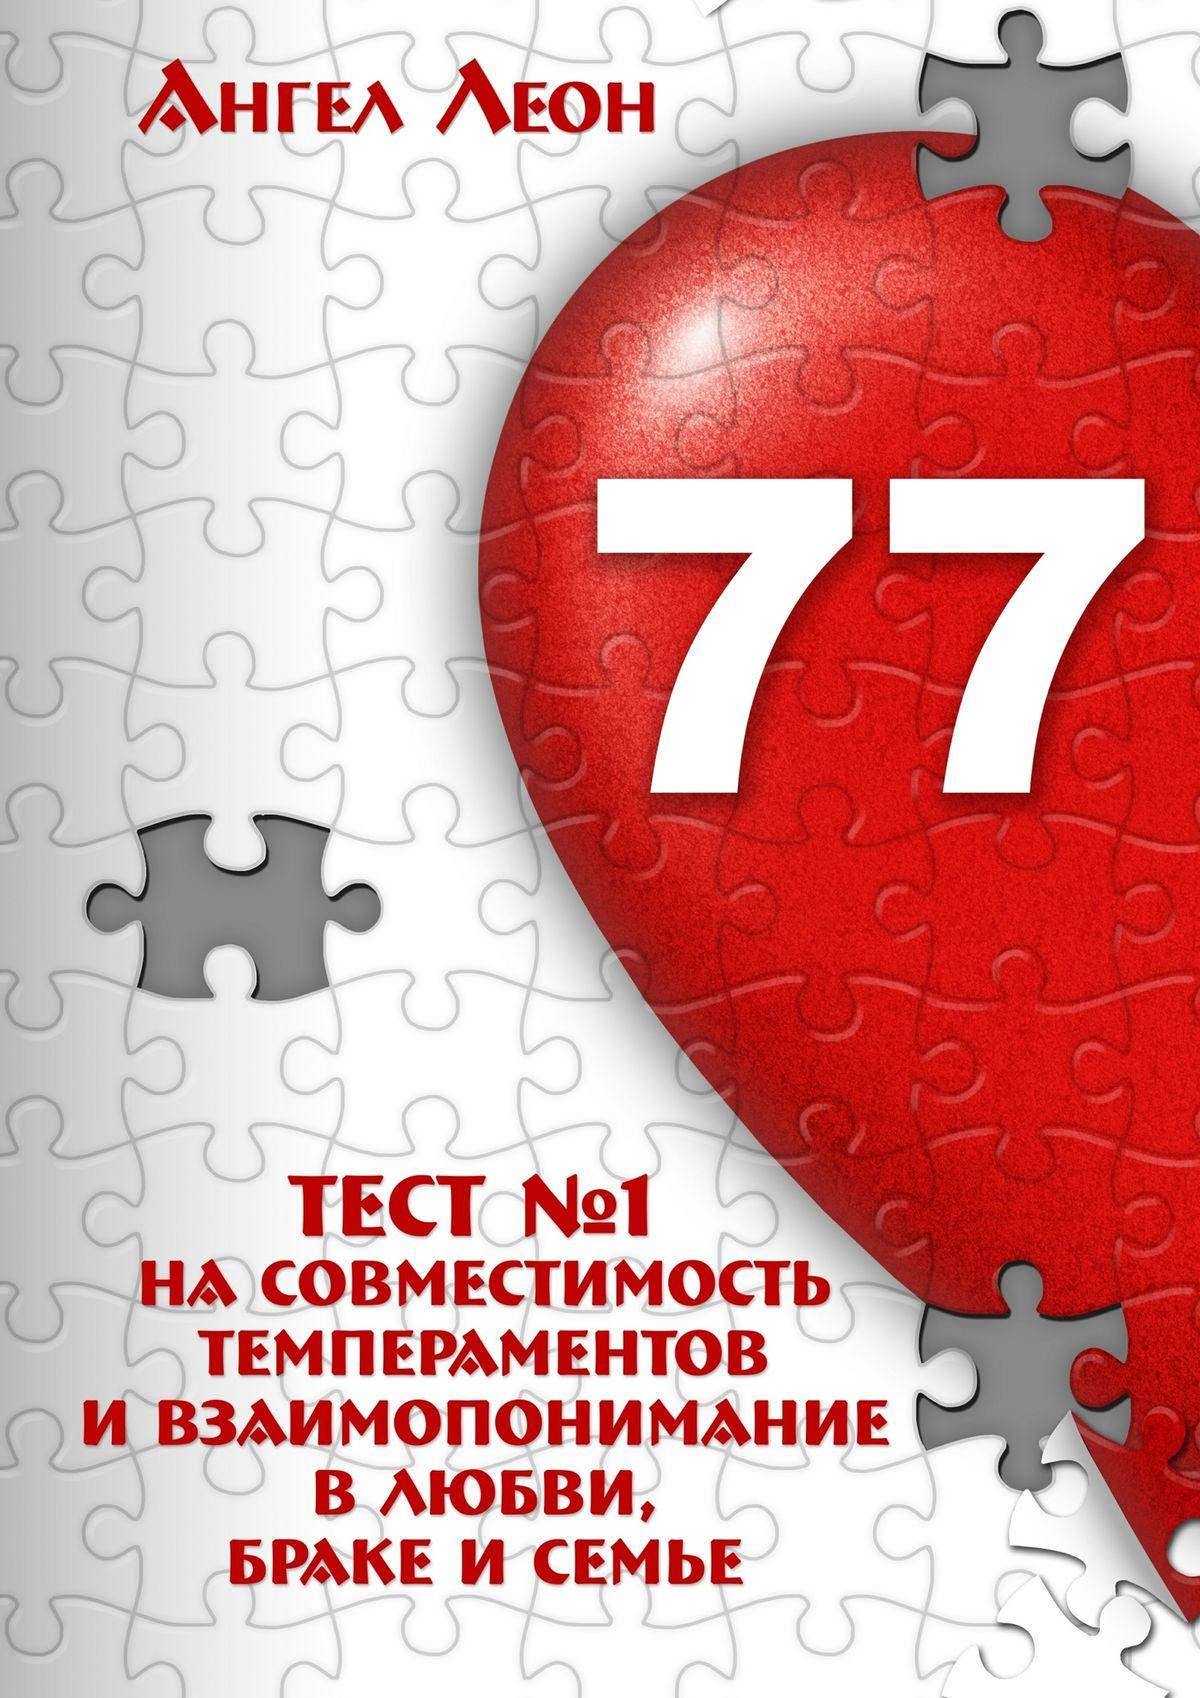 Тест №1 насовместимость темпераментов ивзаимопонимание влюбви, браке исемье